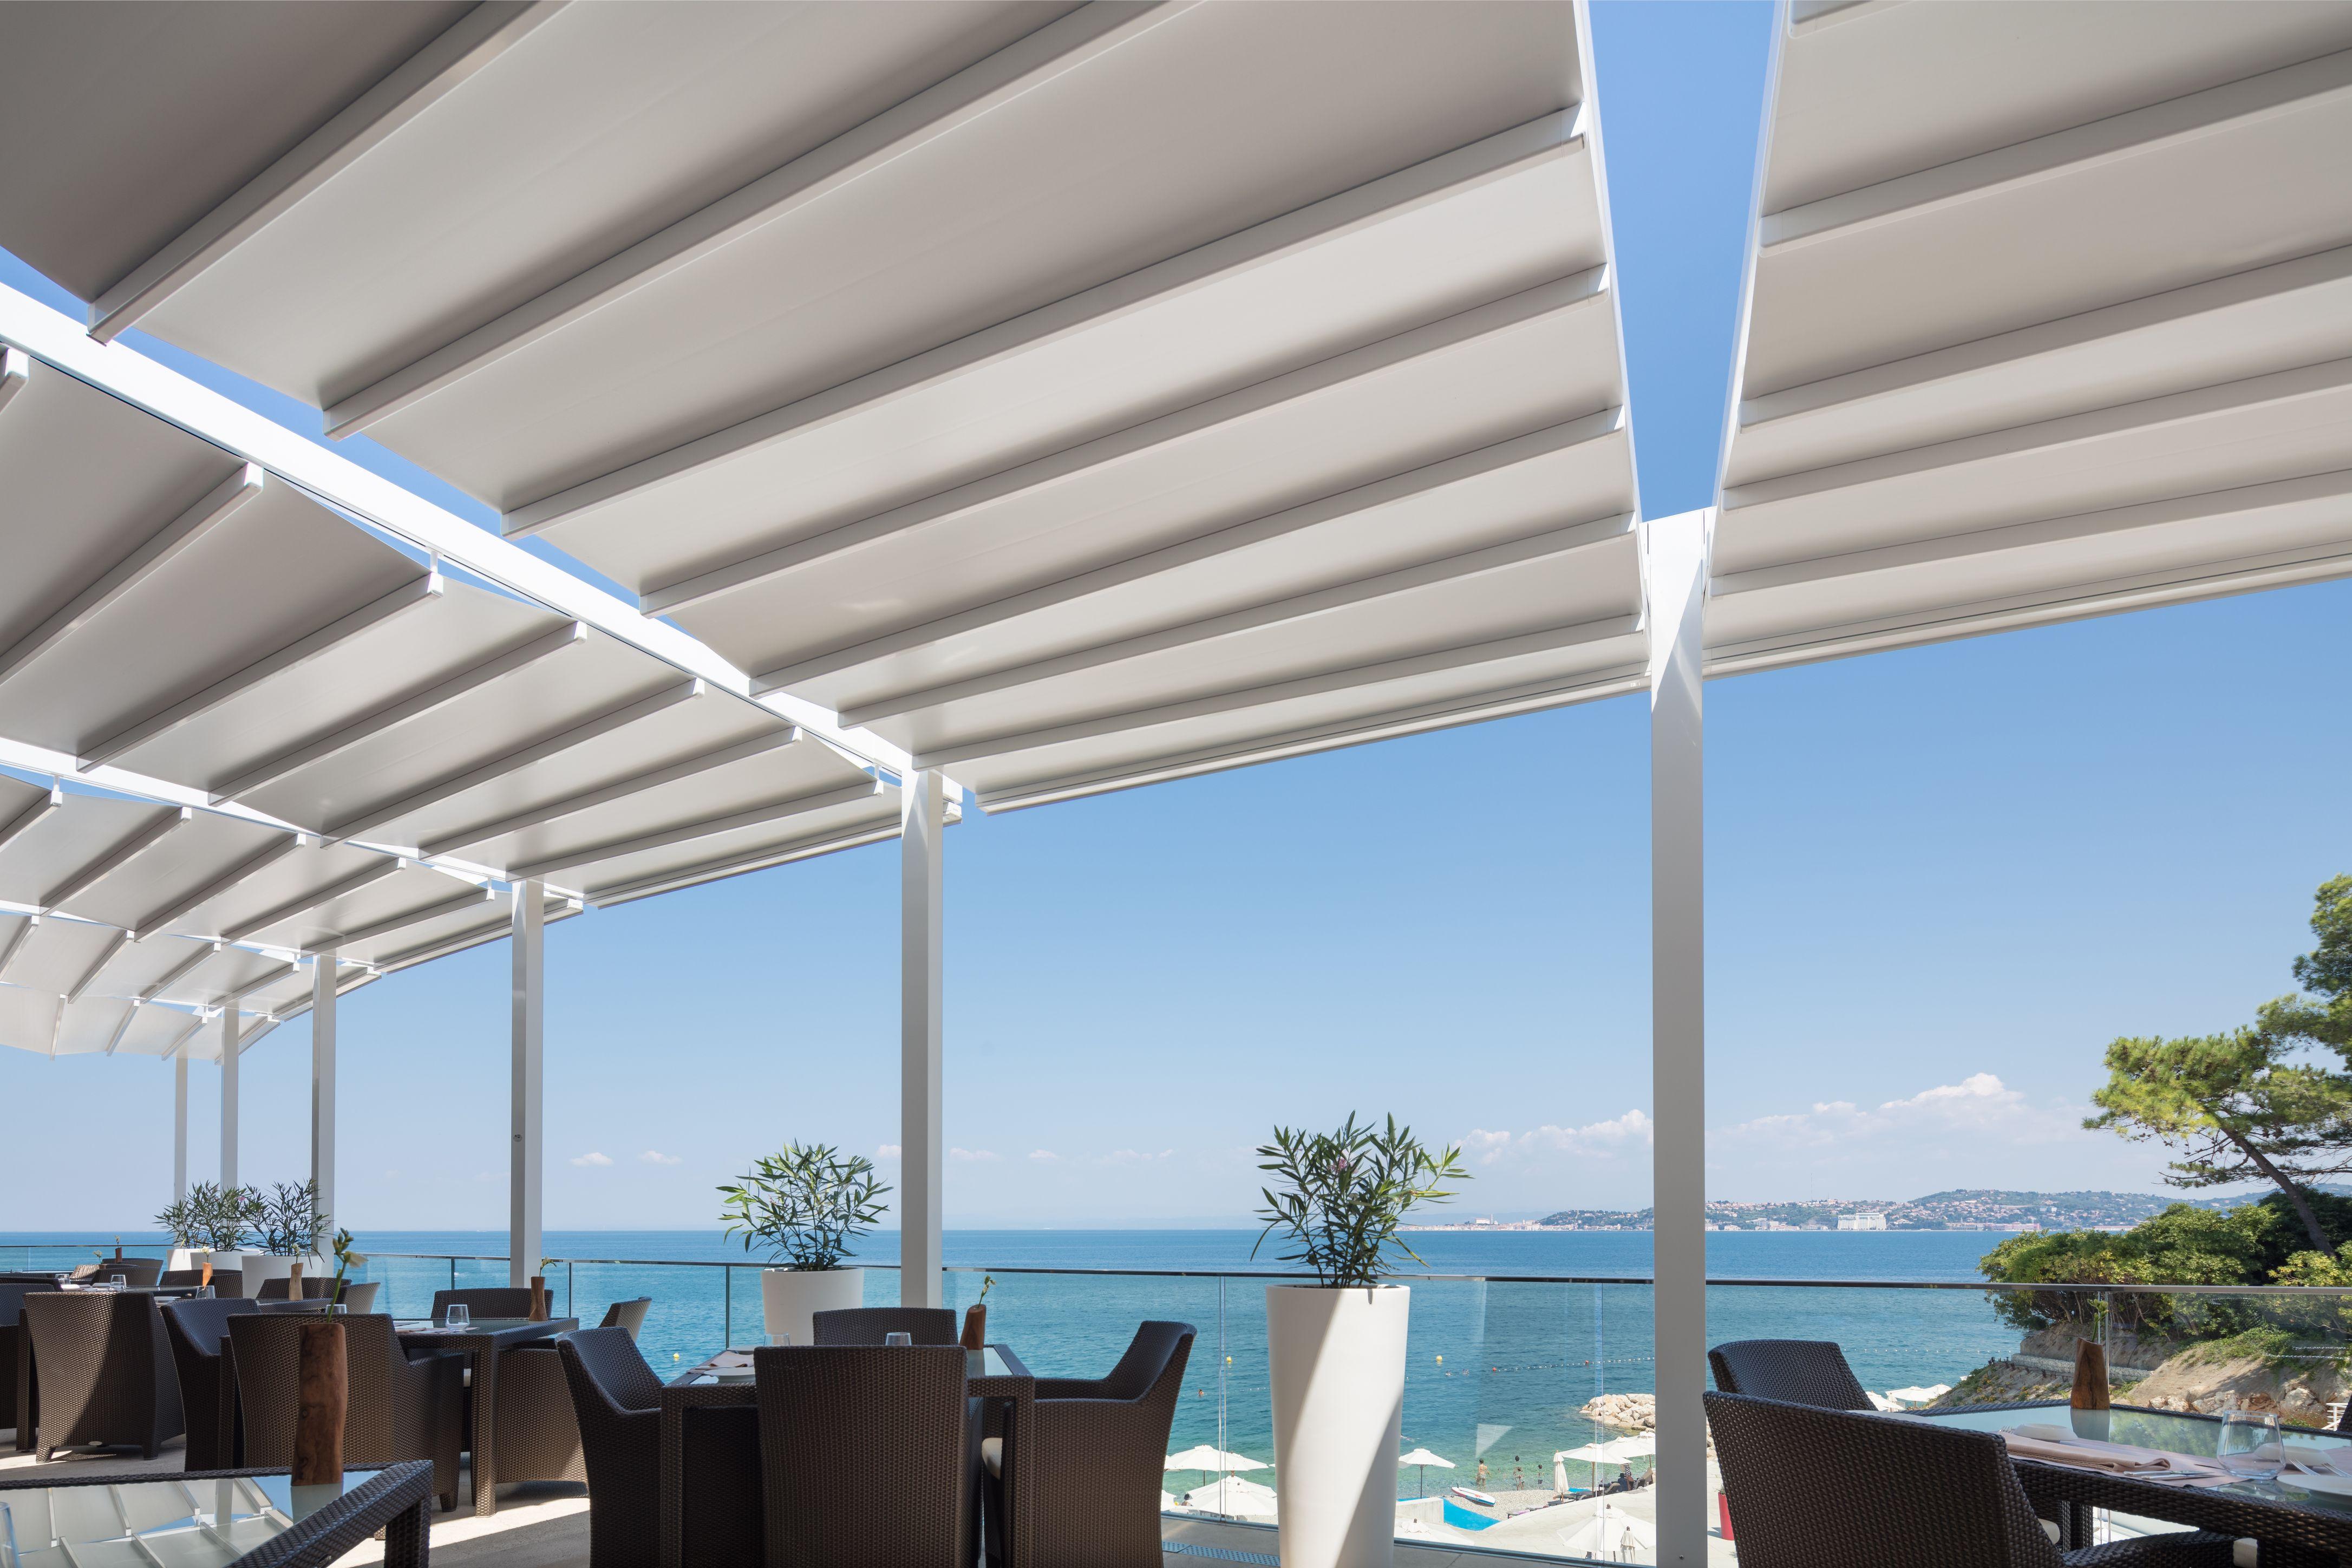 Pergole Pratic l Kempiski Hotel Adriatic